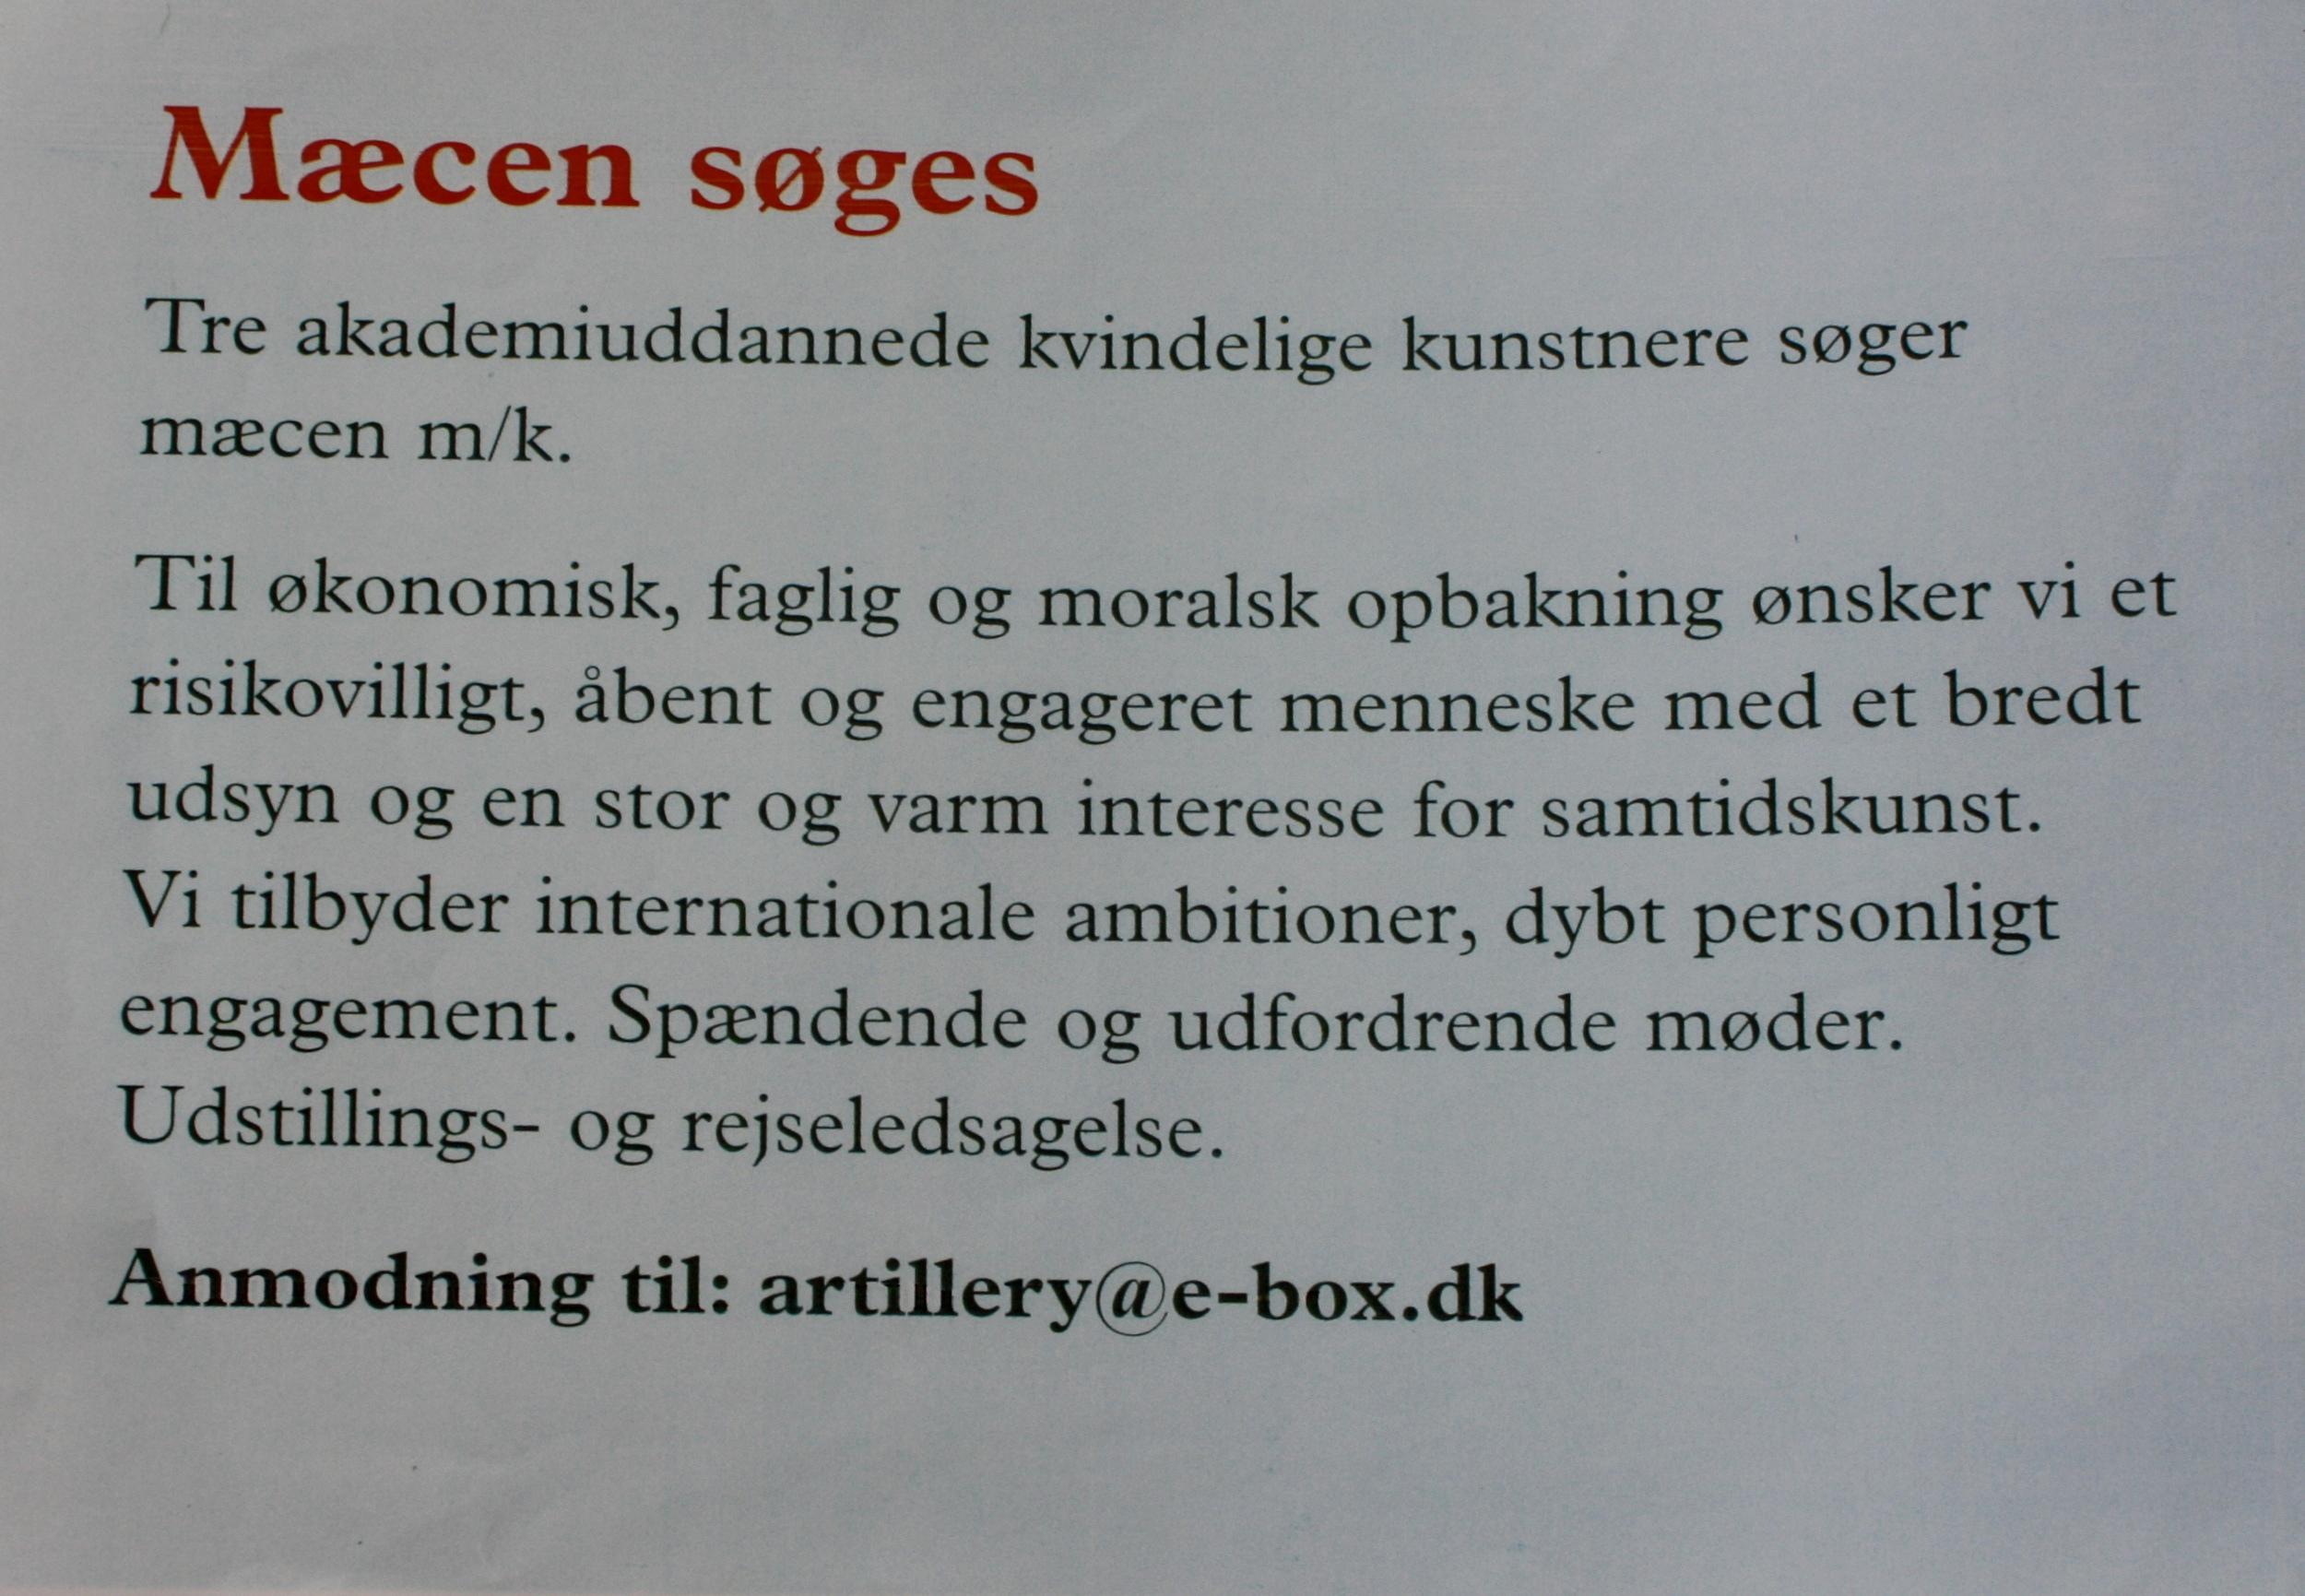 Mæcen søges: artillery postkort 1999 - der blev også annonceret under rubrikken 'erhvervskontakt i div aviser og dagblade